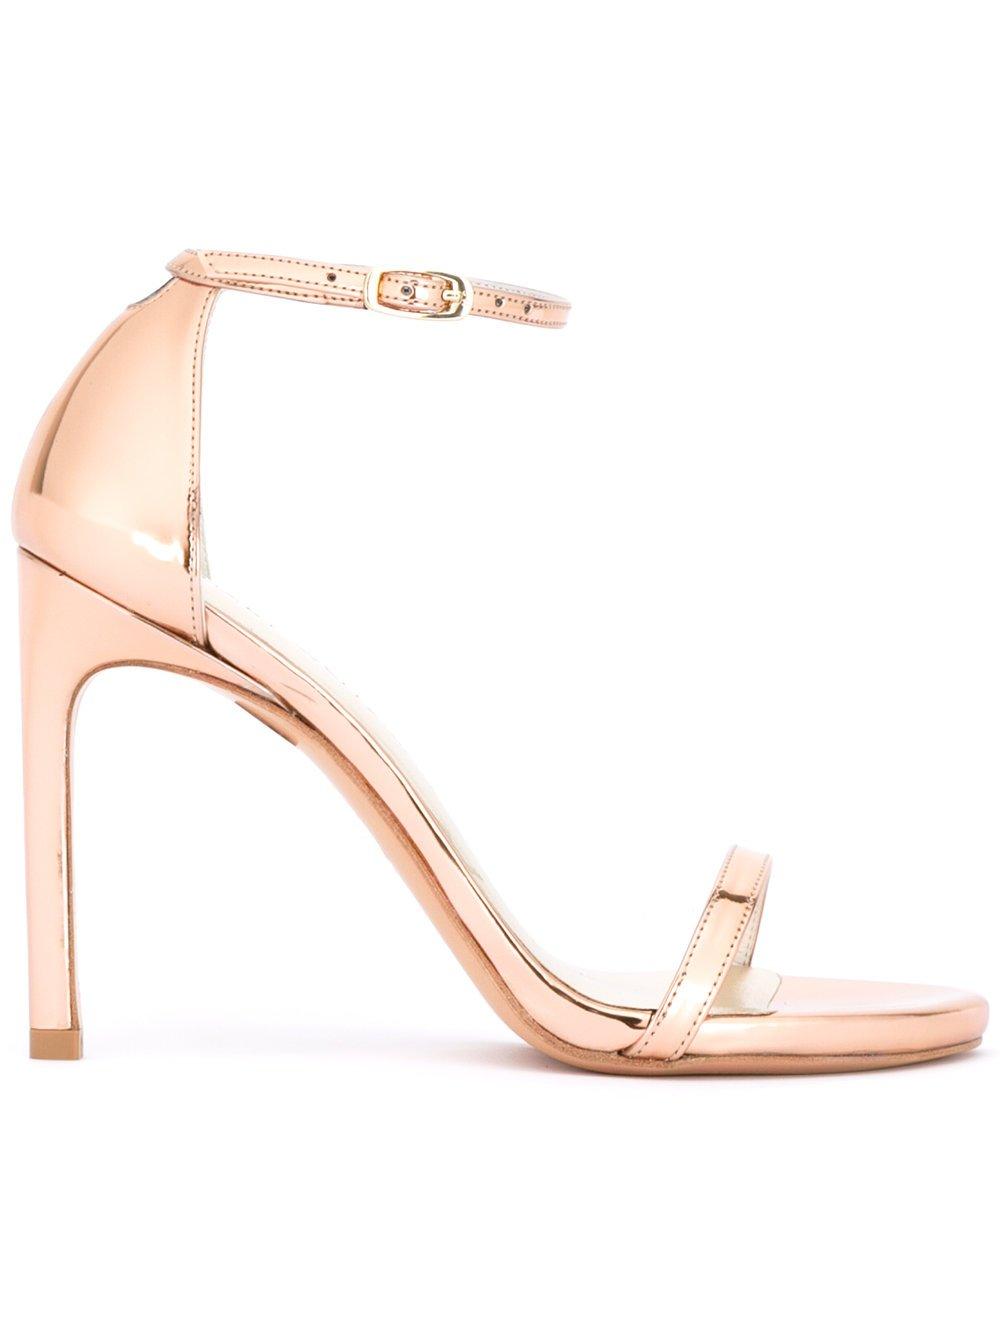 Stuart Weitzman Nudist Song sandals BEIGE GLASS Women Shoes 7